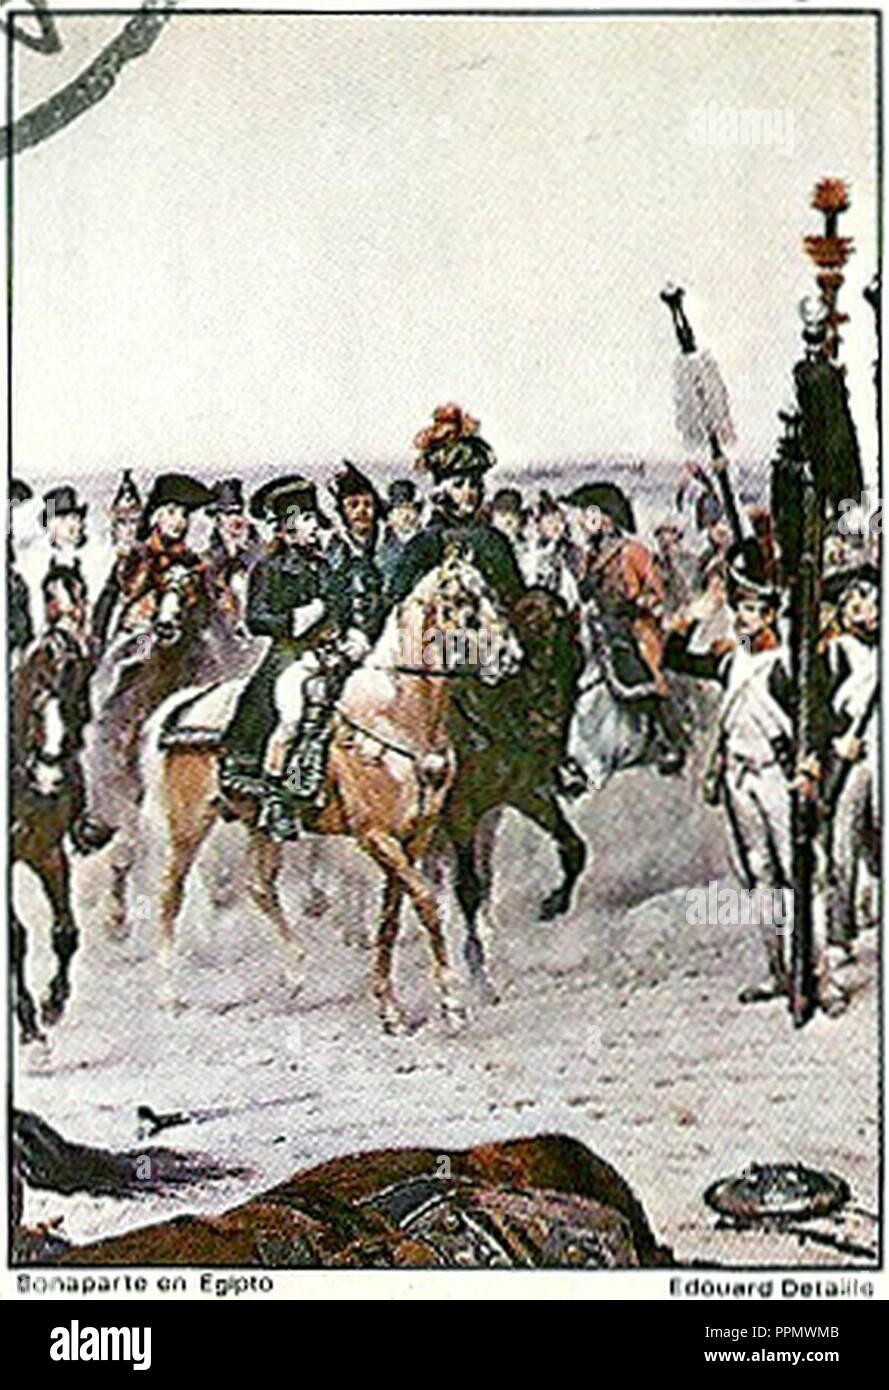 Bonaparte en Egipto. - Stock Image